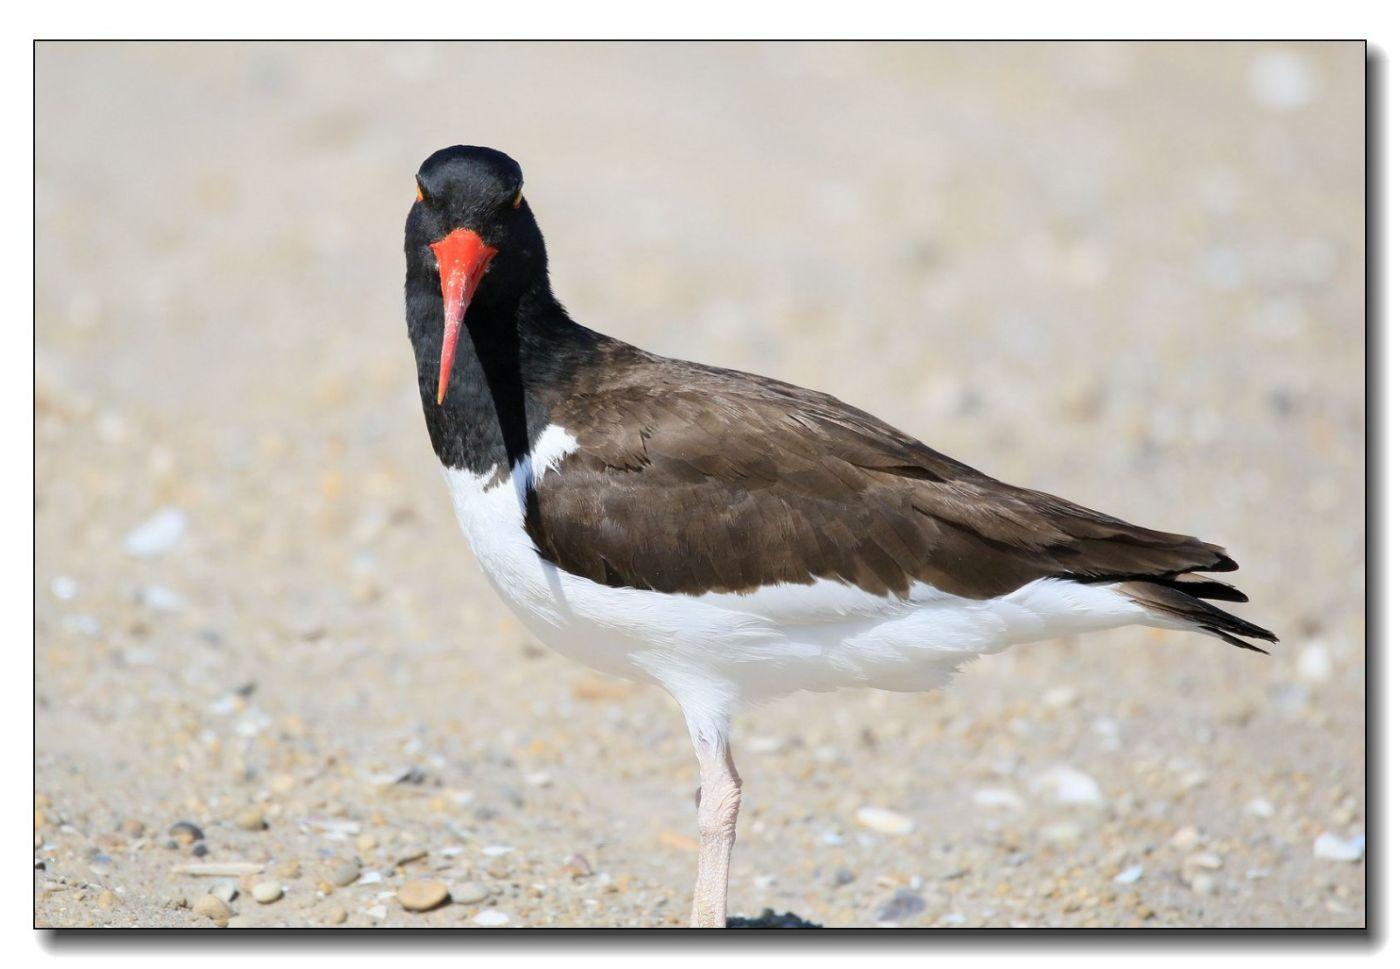 洛克威海滩拍鸟—励鹬_图1-9